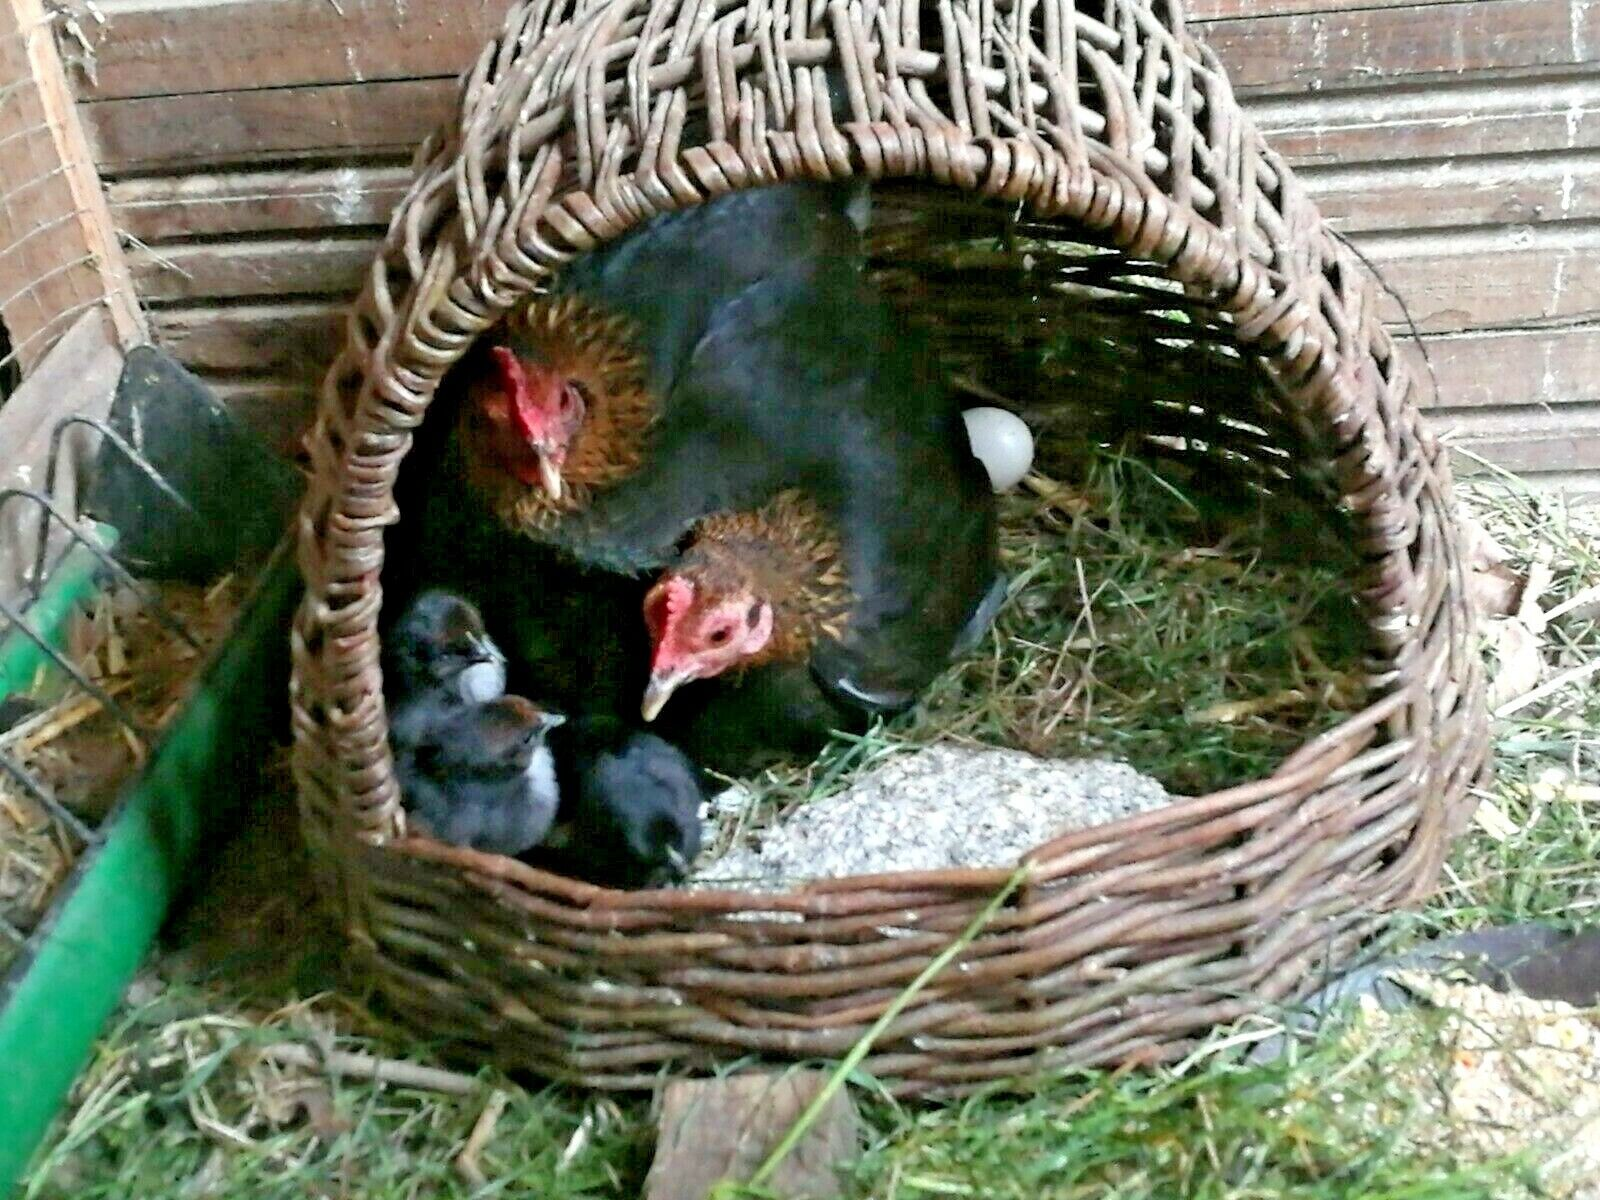 Legenest Ø 40 cm für 1 Huhn Hühner Nest für Bruteier Weide geflochten 🐔🐔